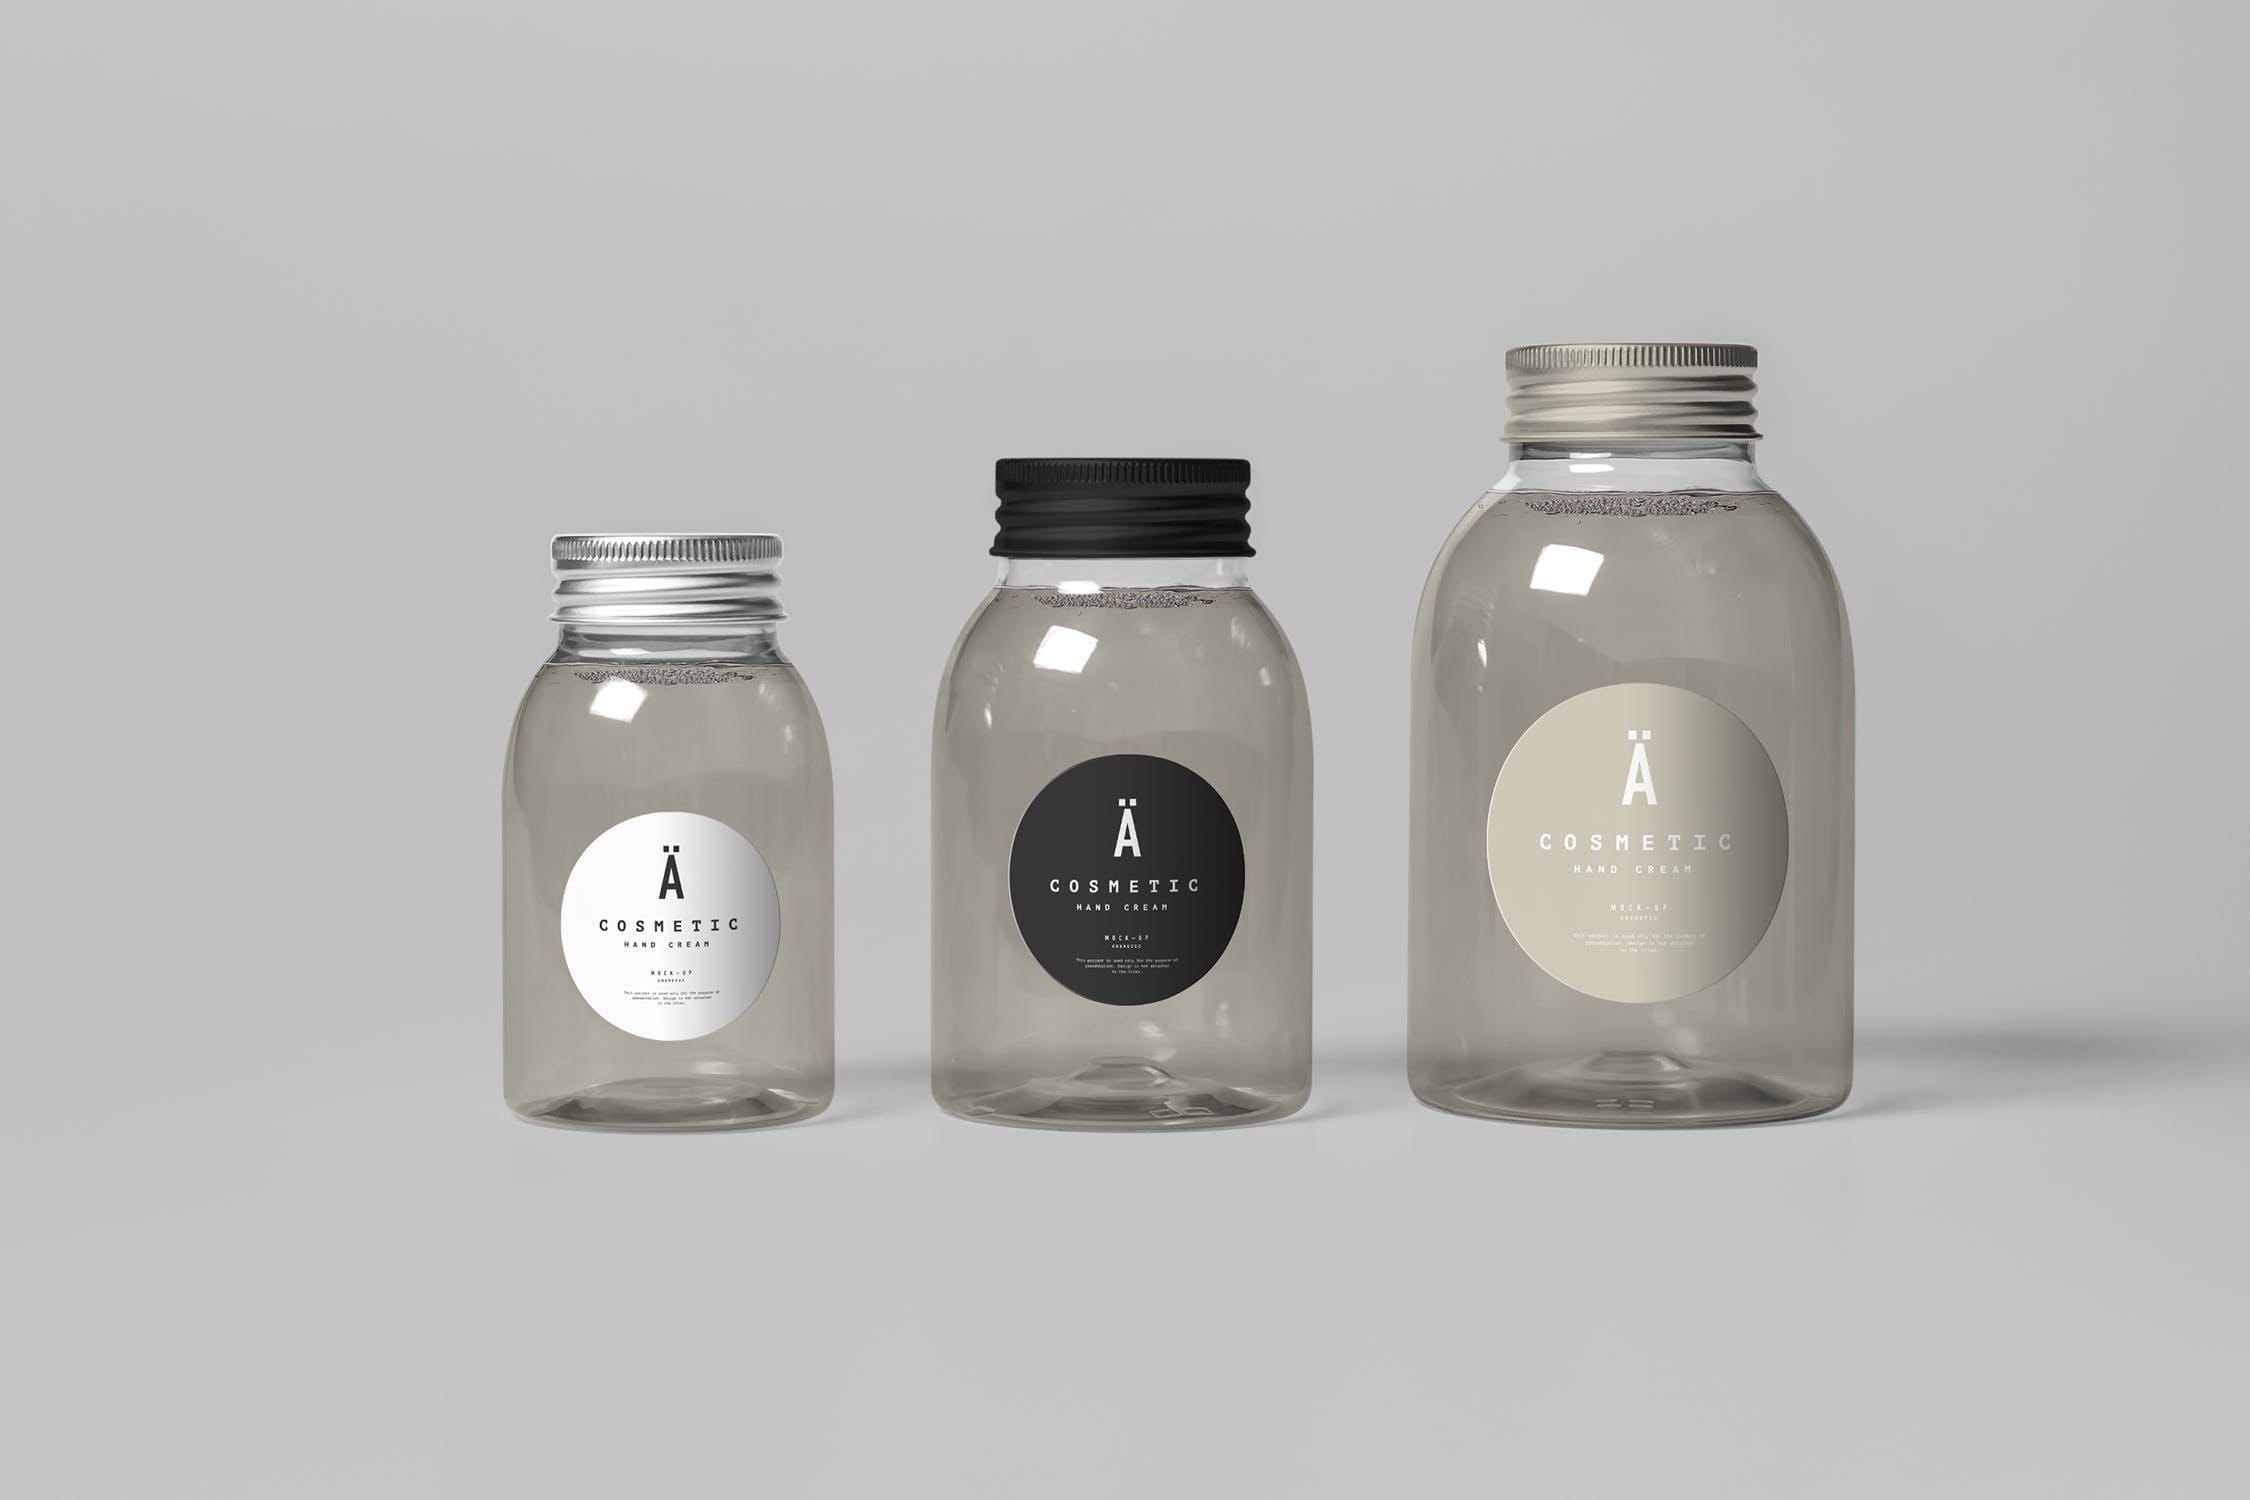 洗化用品品牌包装场景样机玻璃罐Cosmetic Mock-up 3